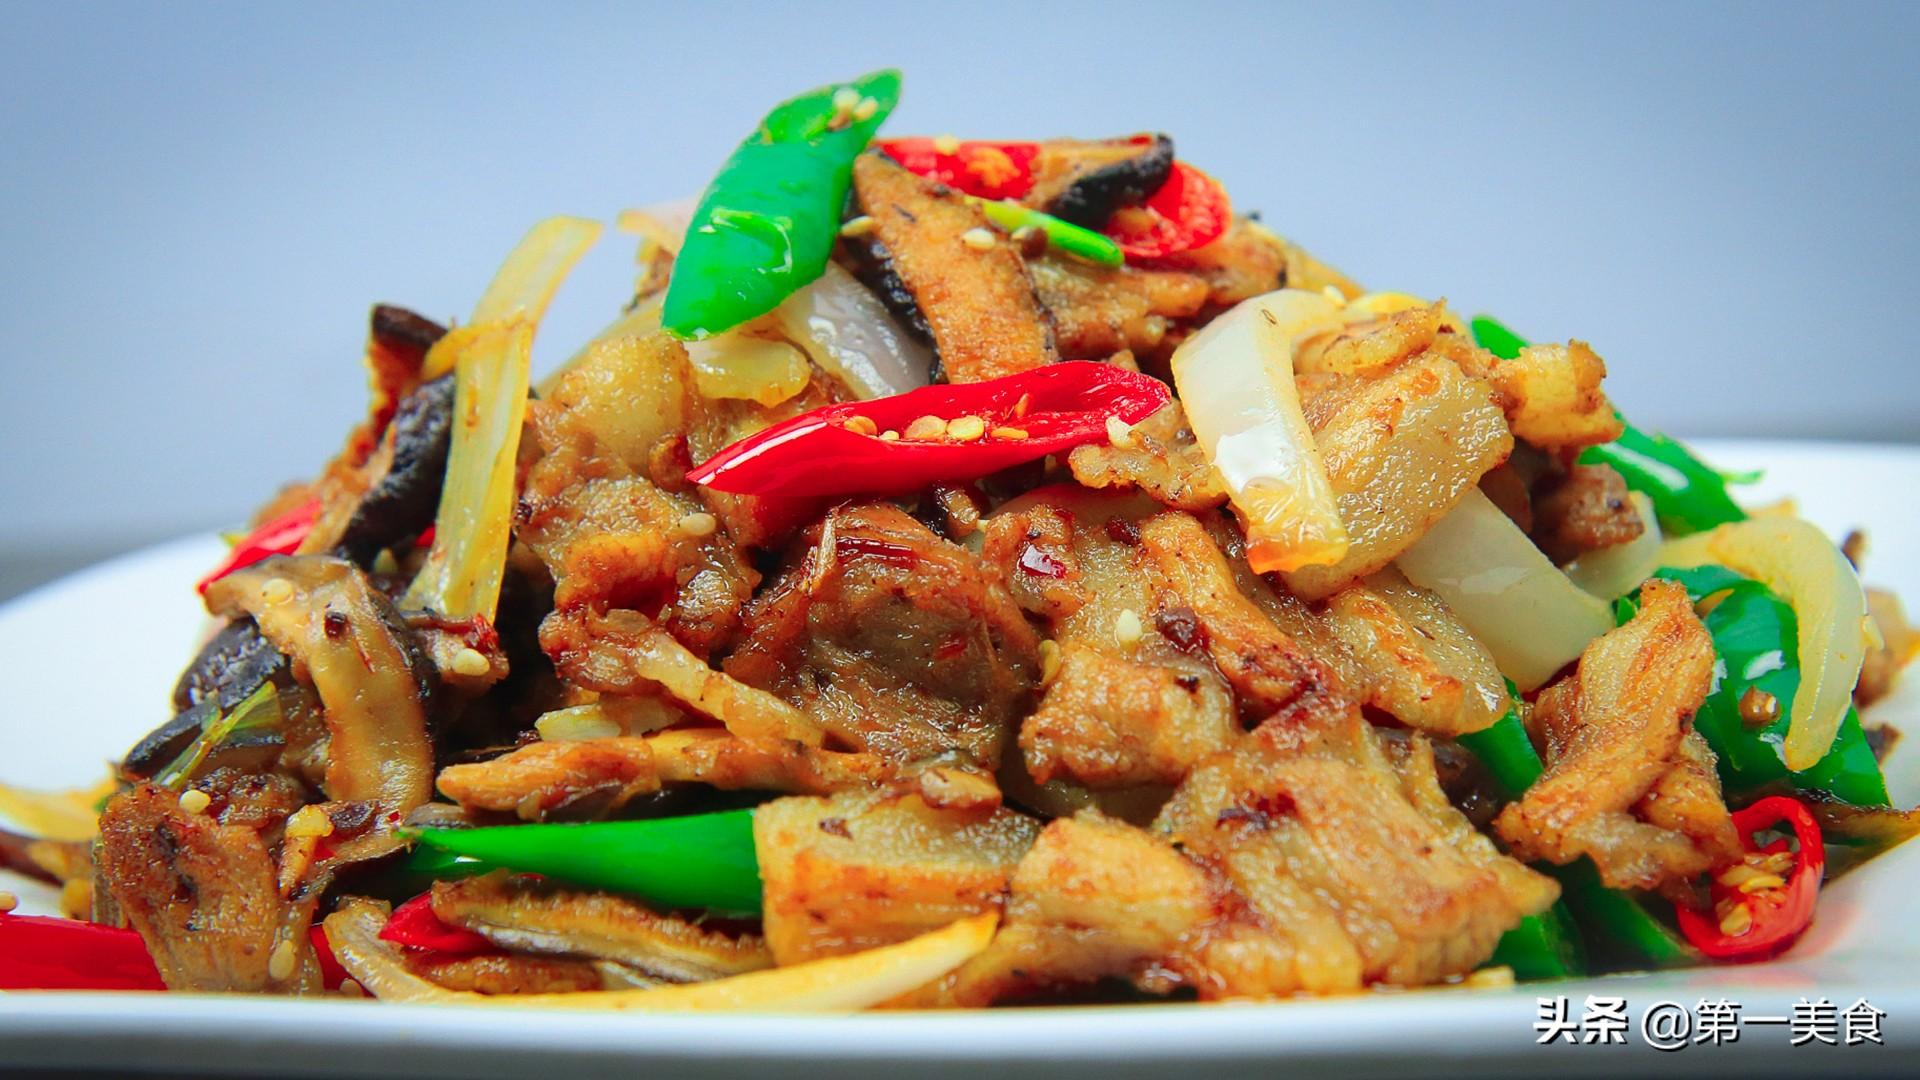 香菇小炒肉怎么做才好吃,大厨教分享技巧,香菇滑嫩,肉片不油腻 美食做法 第1张